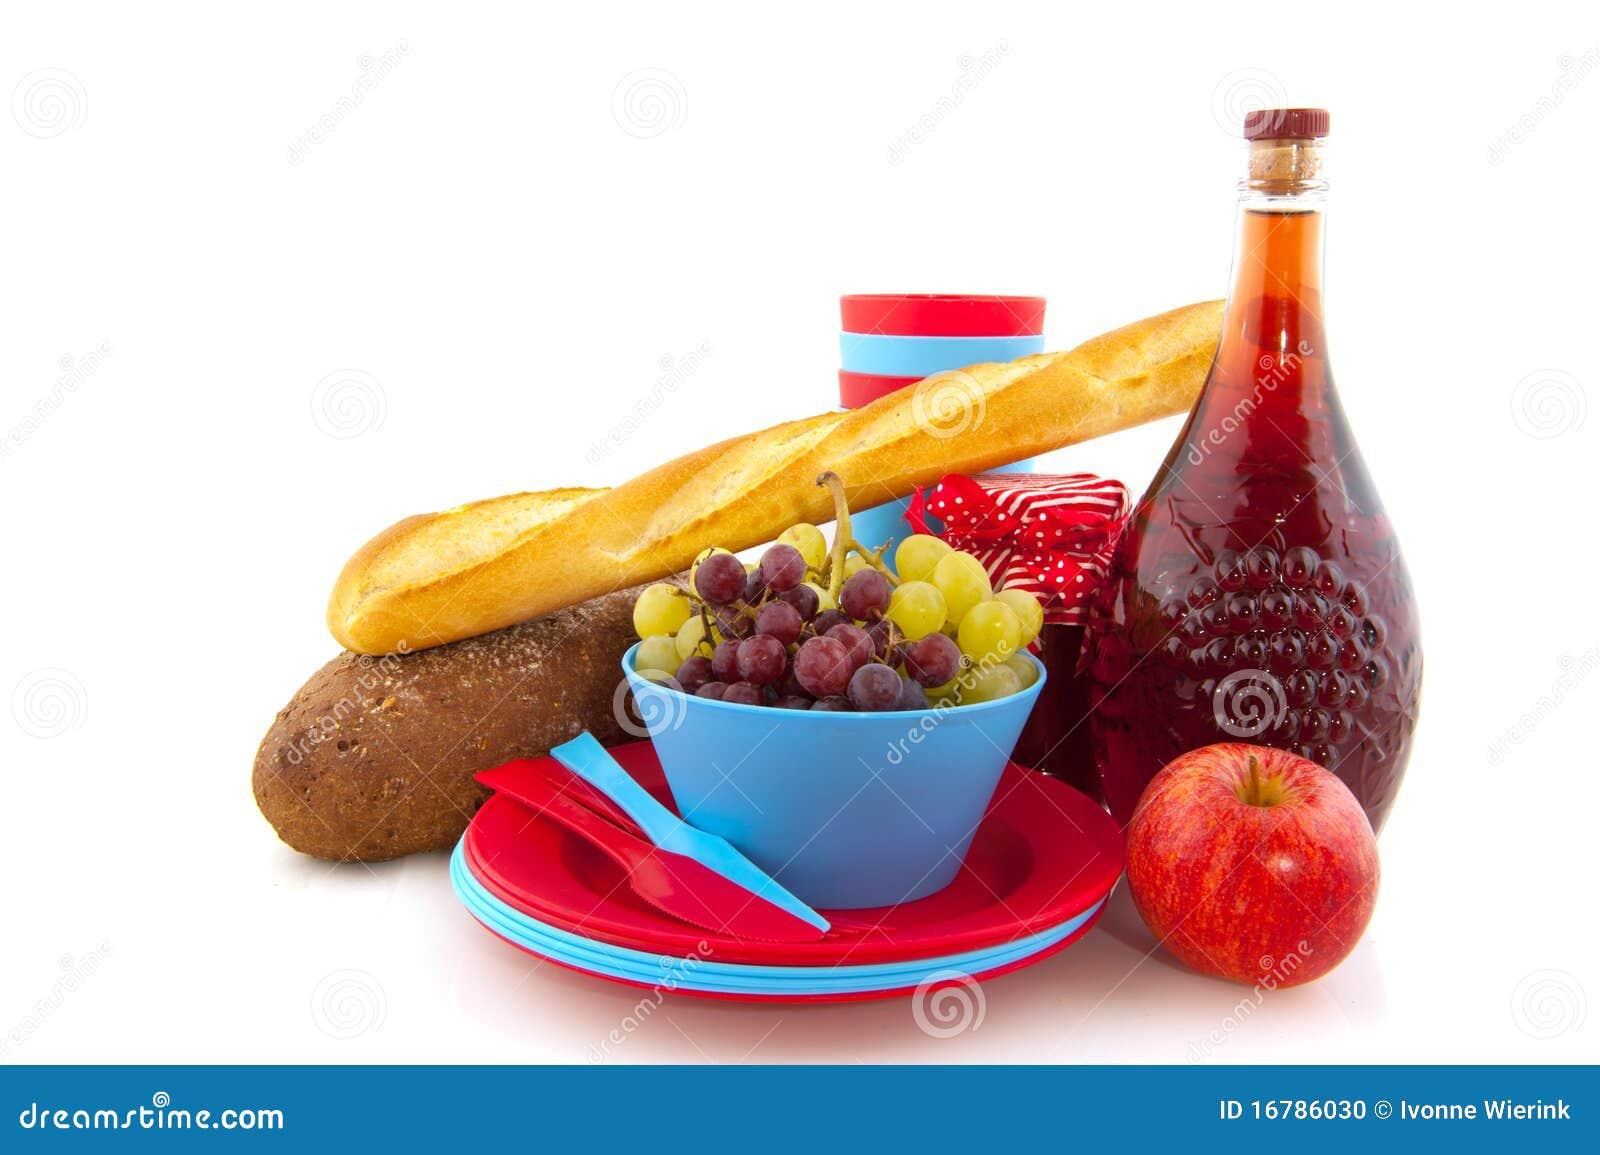 nourriture de pique nique en vaisselle bleue photo stock image du fourchettes bleu 16786030. Black Bedroom Furniture Sets. Home Design Ideas